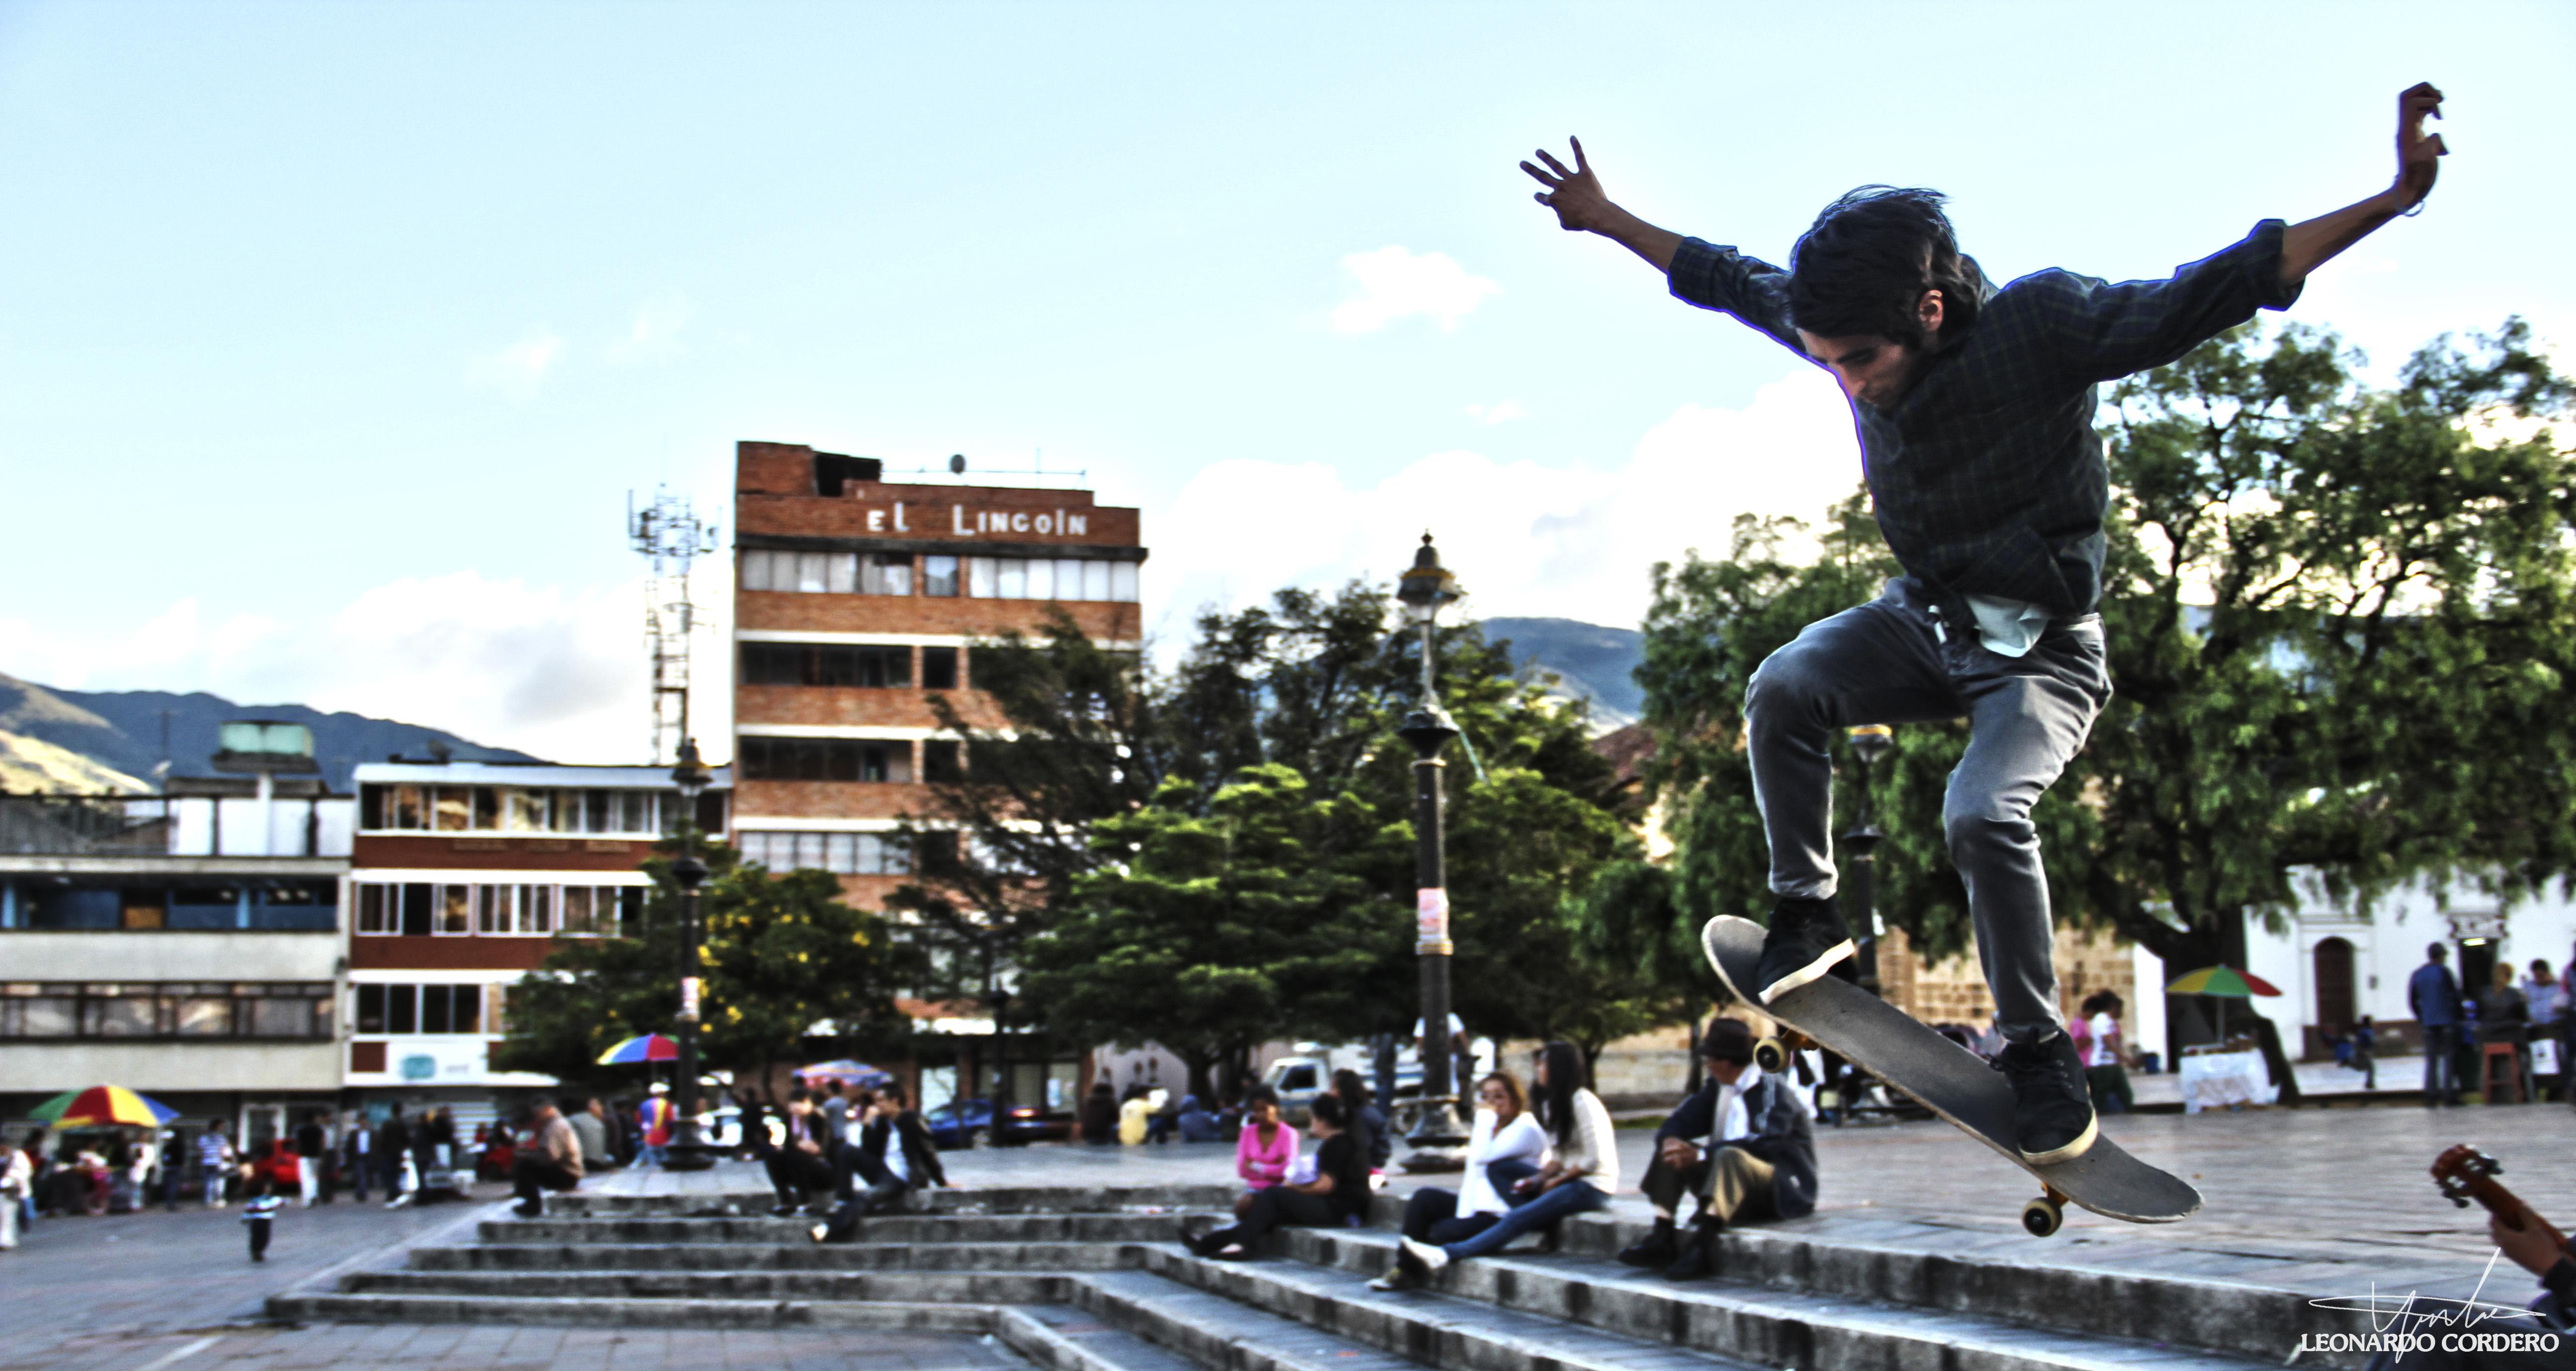 Skateboarding wikipedia la enciclopedia libre download for Clausula suelo wikipedia